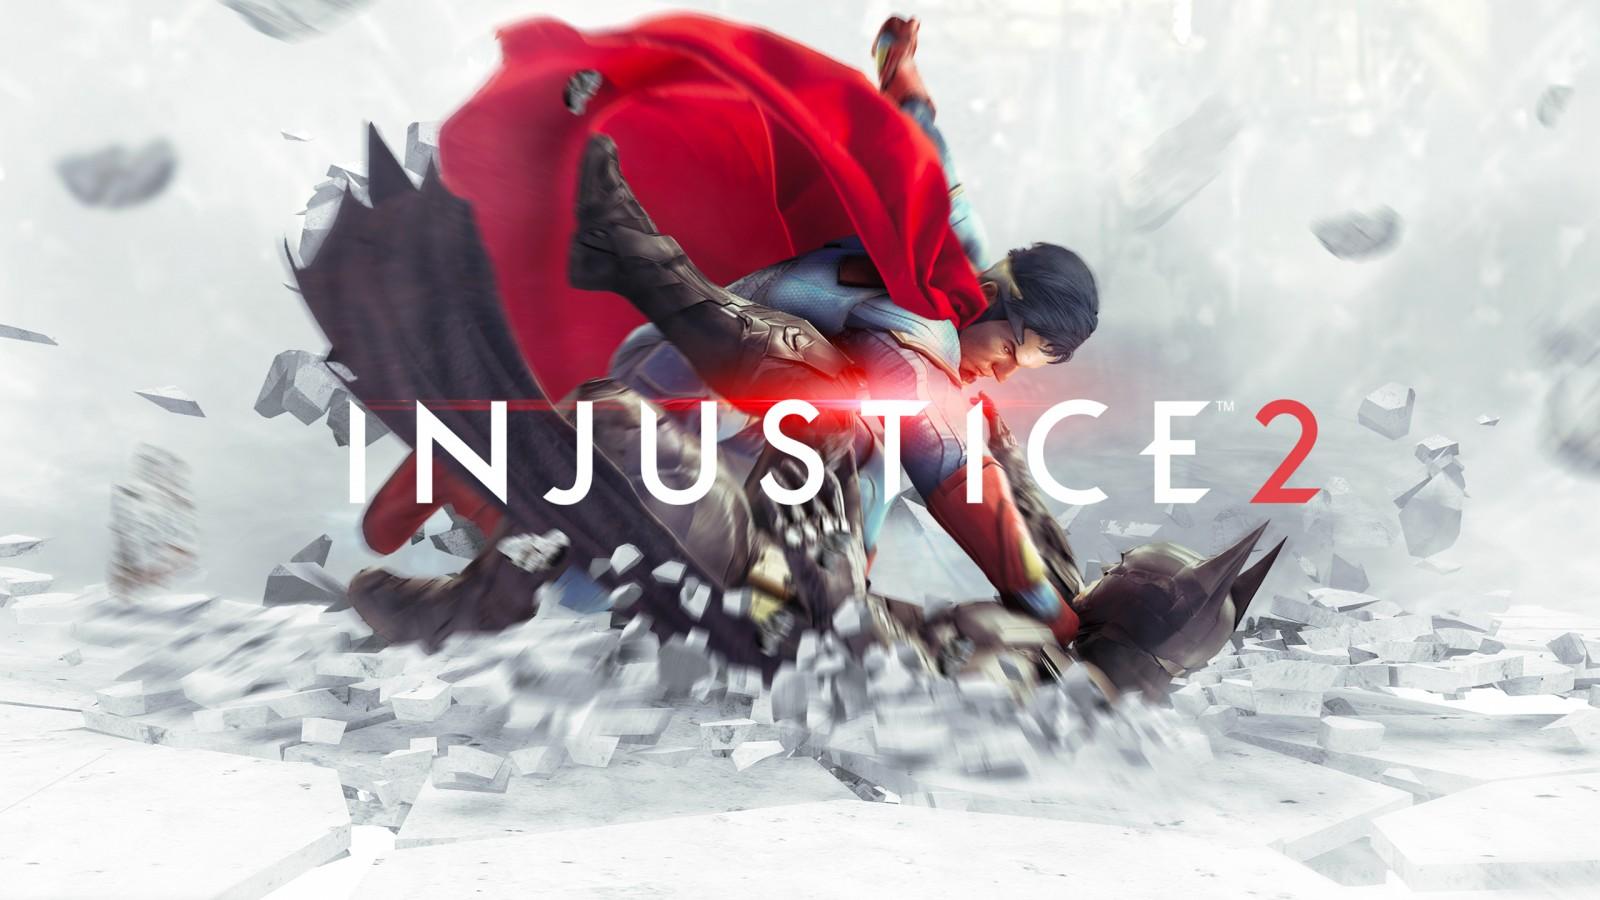 Iphone 5 Wallpaper Superman Injustice 2 Batman Vs Superman Wallpapers Hd Wallpapers